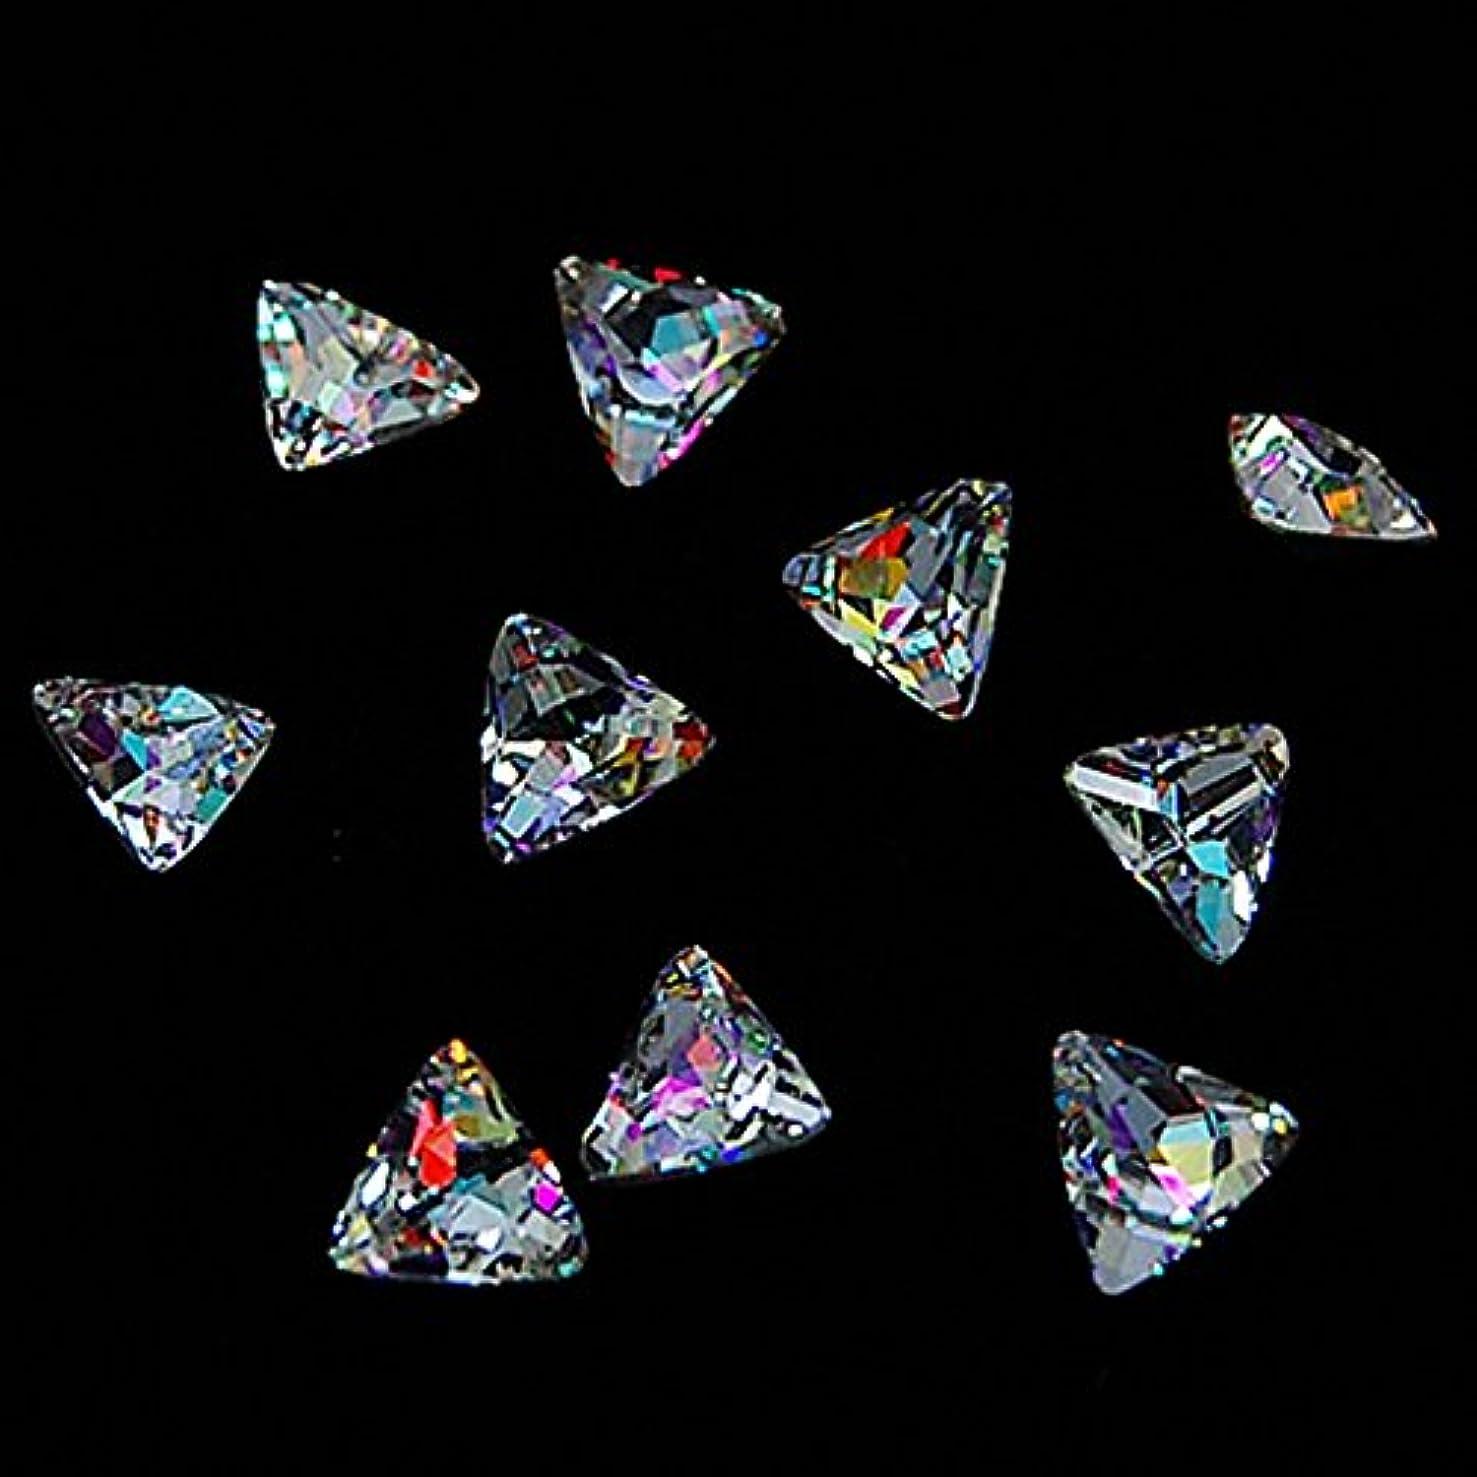 亡命ミトン金貸しIthern(TM)はシャープの3Dネイルアートの装飾釘のための明確なキラキラのラインストーンを底クリニーククリスタルジュエリー宝石三角形の8ミリメートルの6ミリメートルのアクセサリー